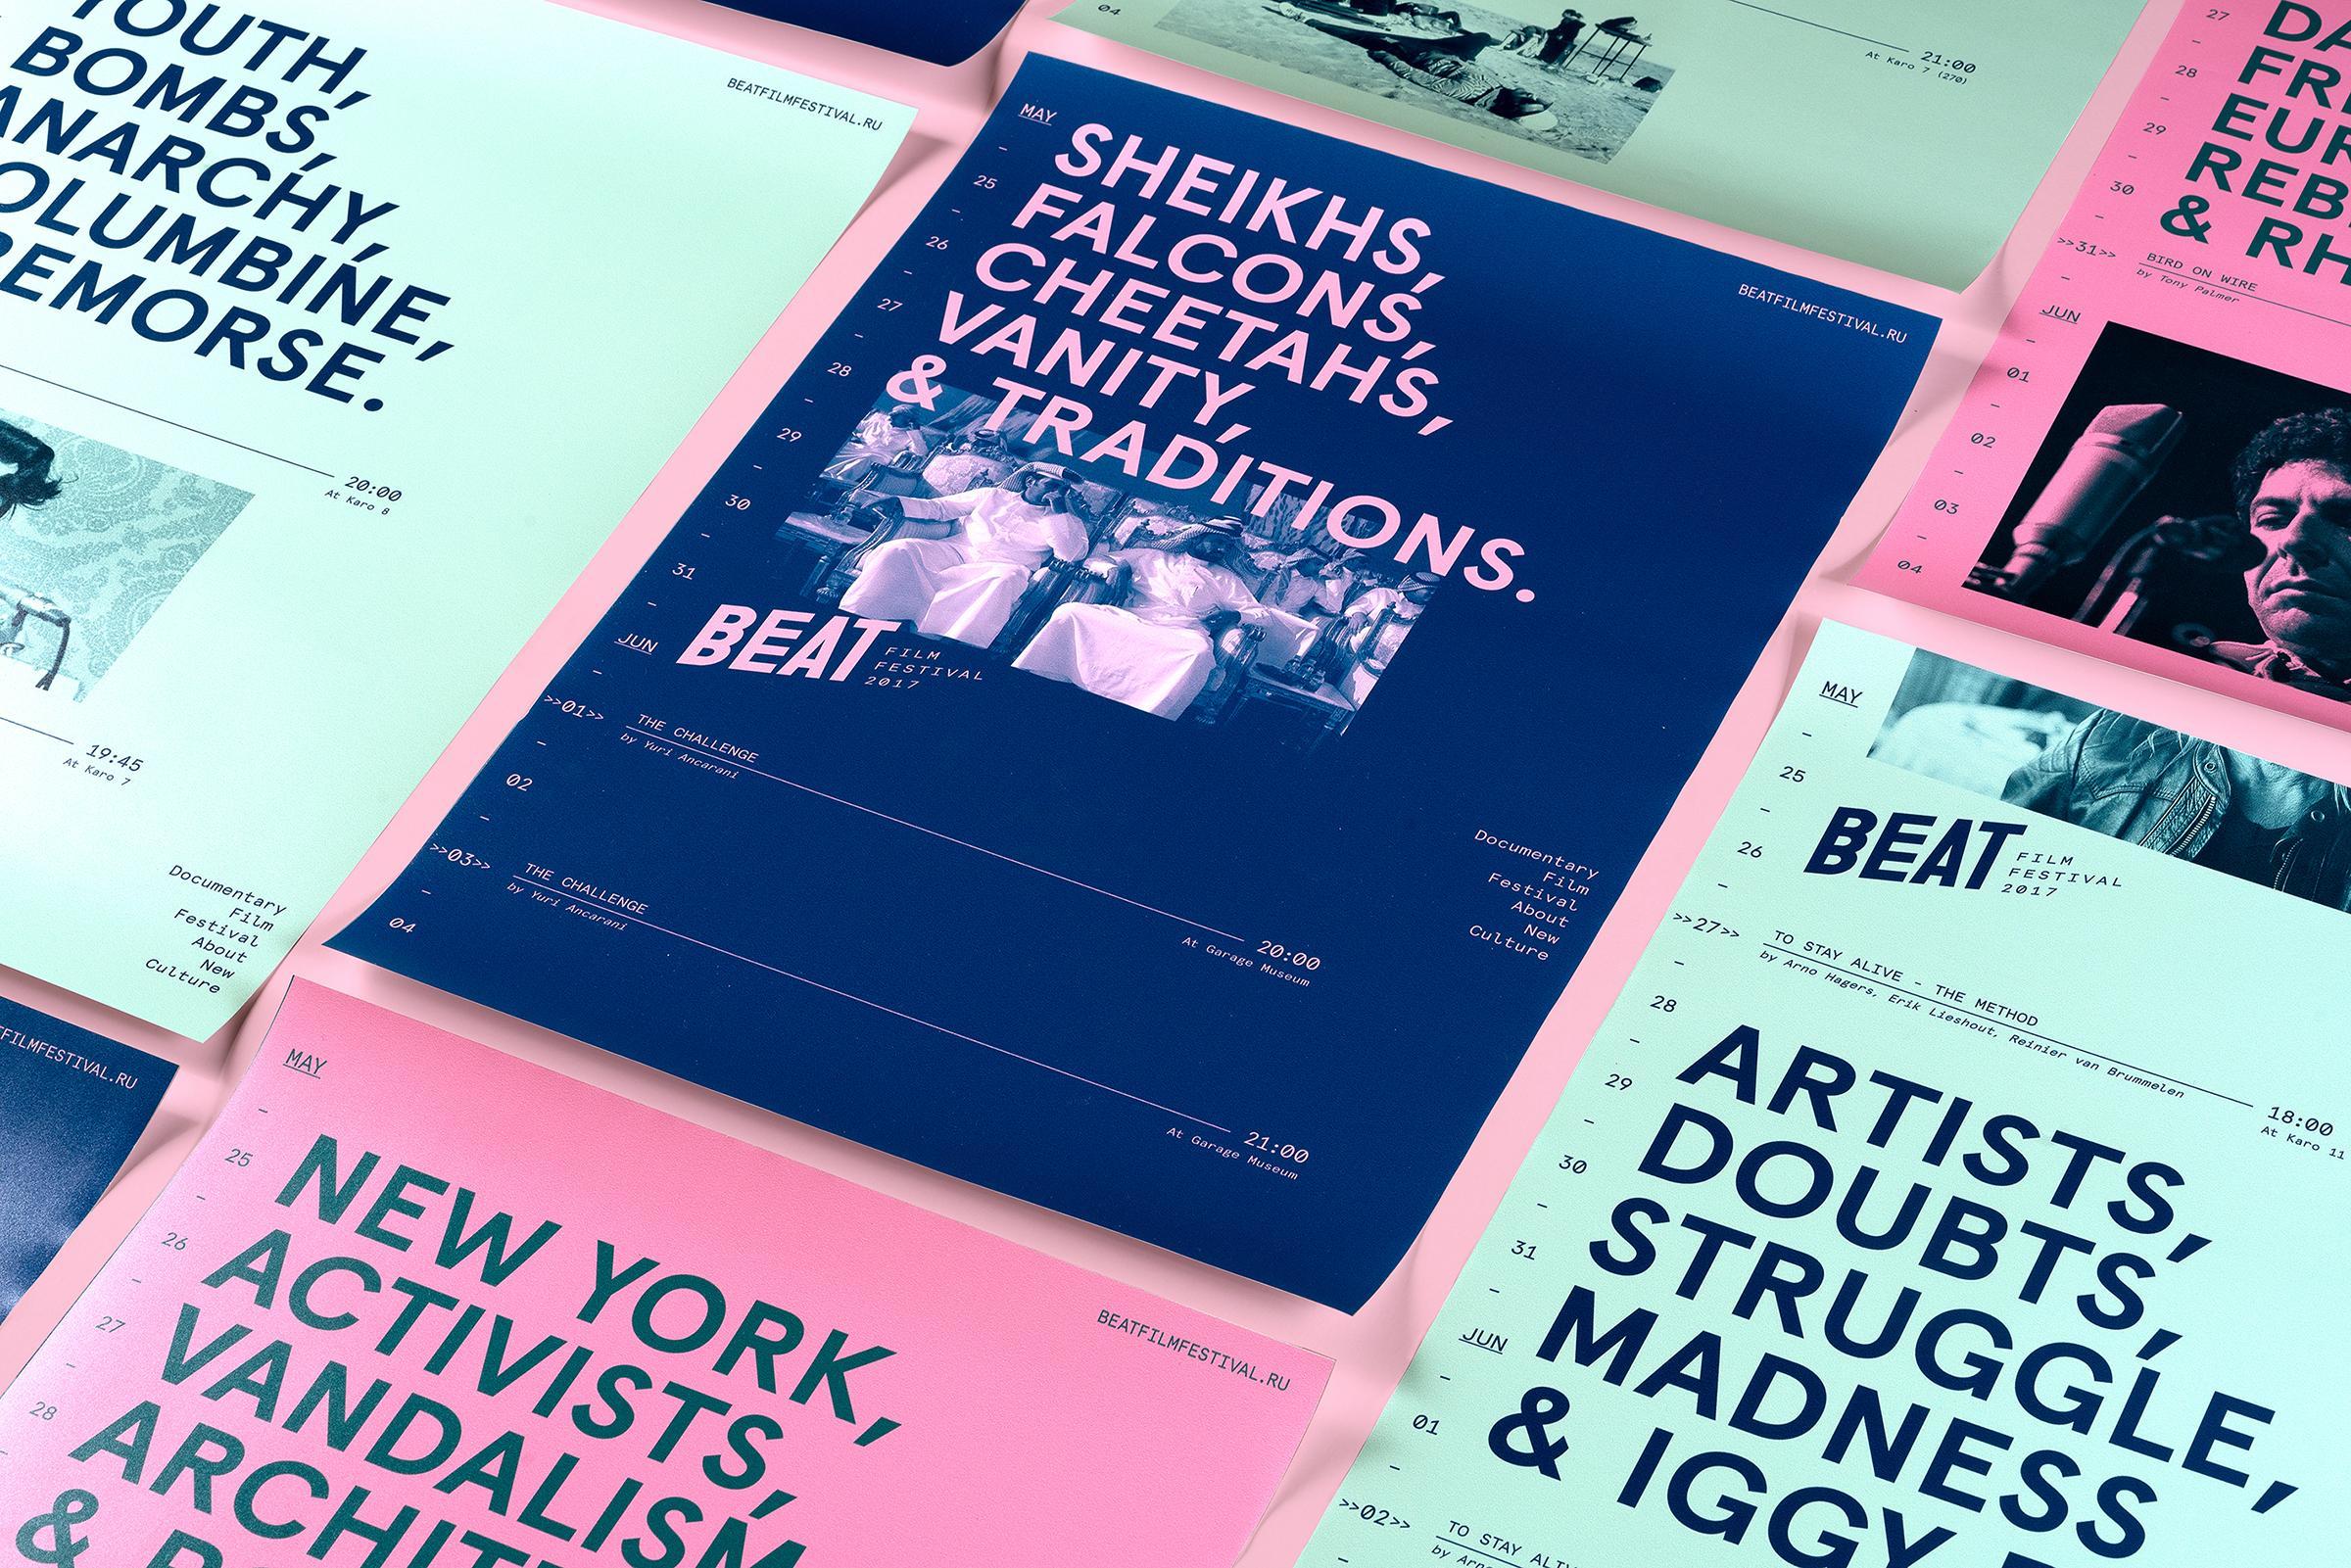 Beat Film Festival Design Ad - Beat Film Festival Posters